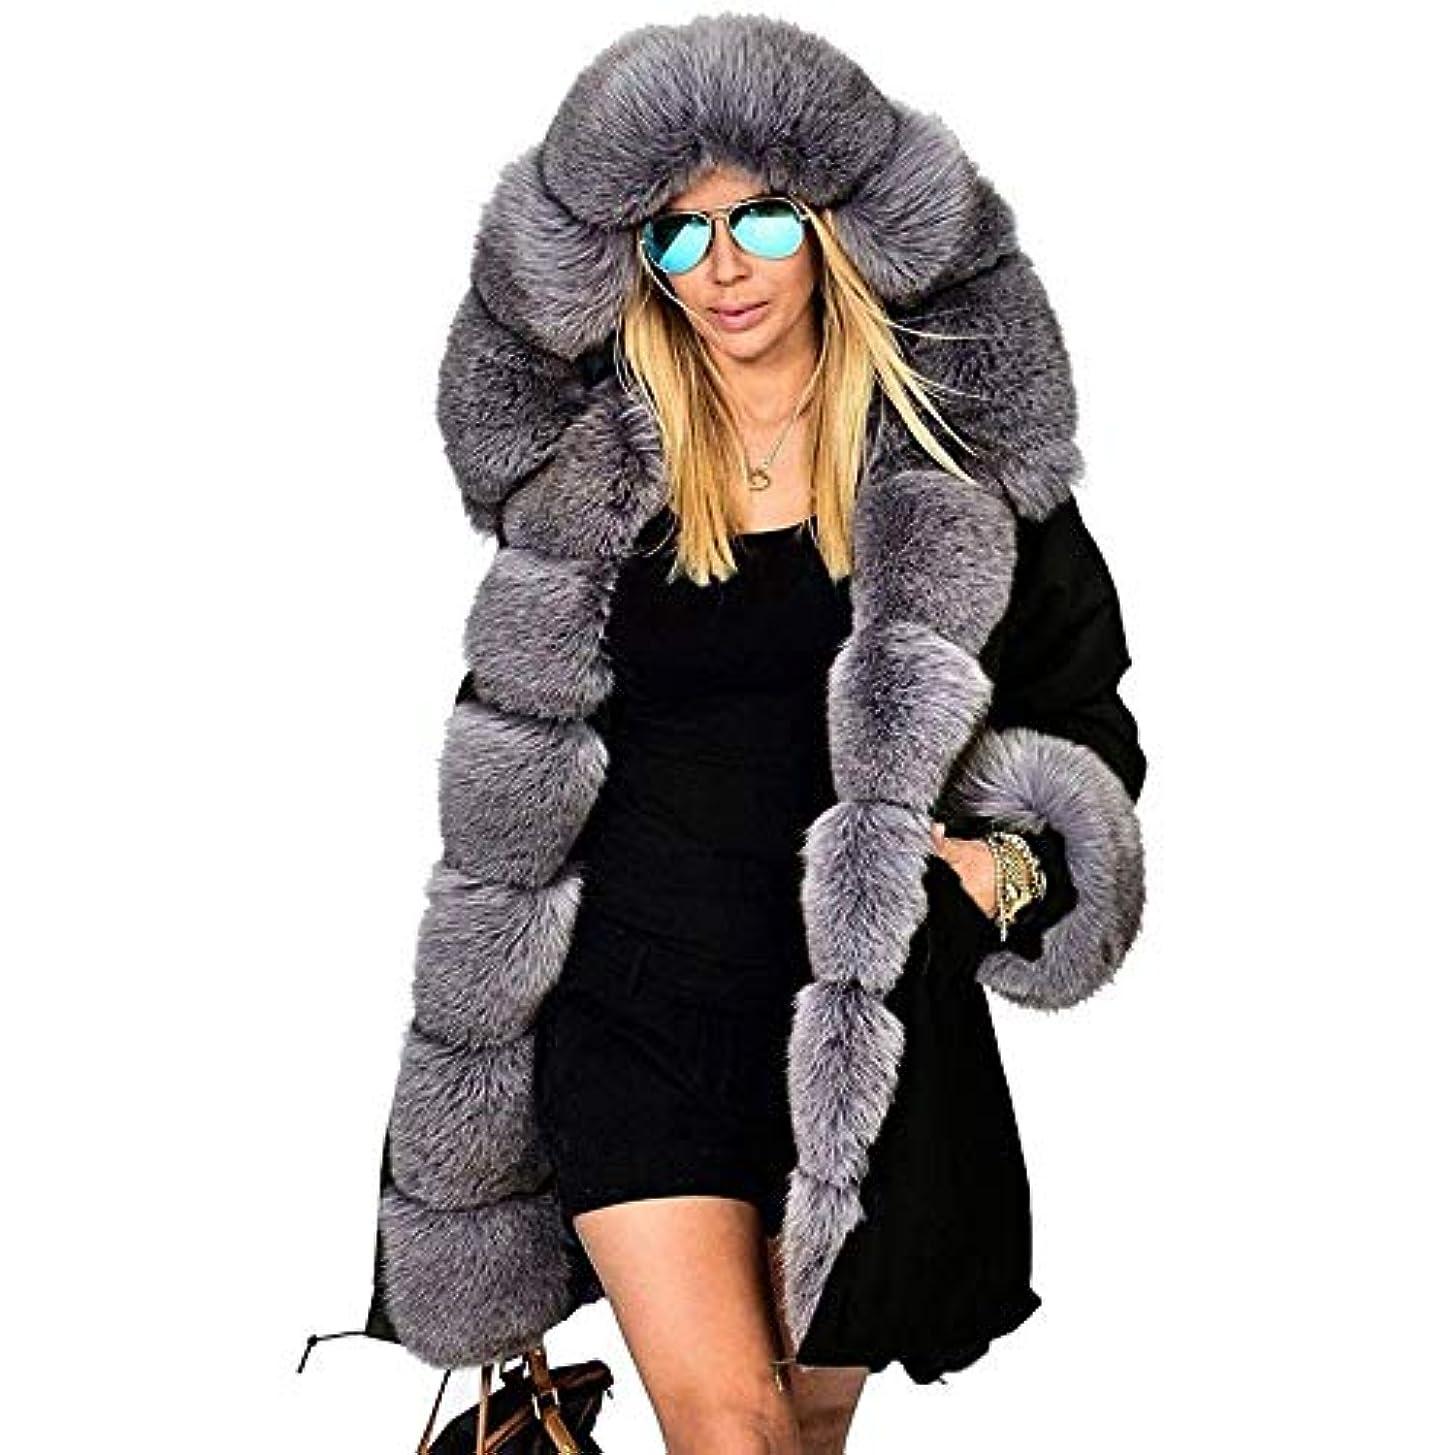 シソーラス高くベンチャーファッションウィメンズジャケット女性ウォームコートフェイクファーコットンオーバーコート女性ロングフードコートパーカー,XXL